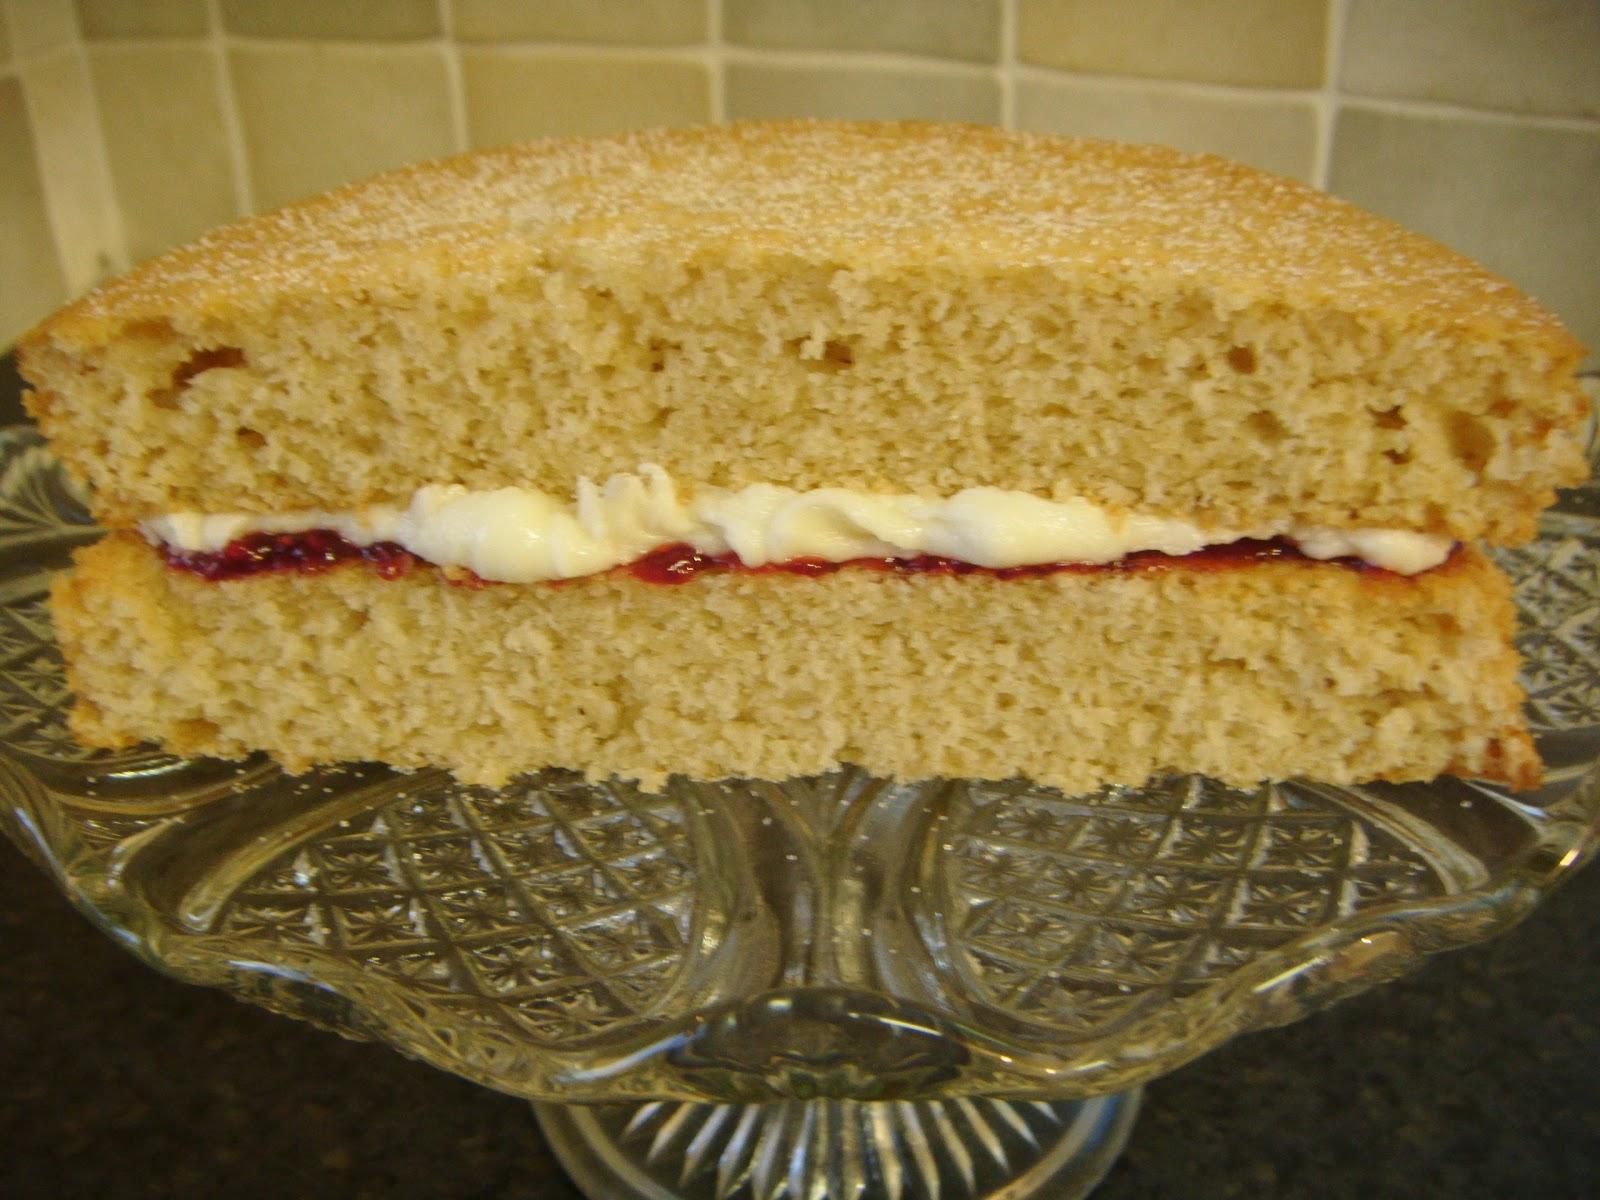 Victoria Sponge Cake To Make